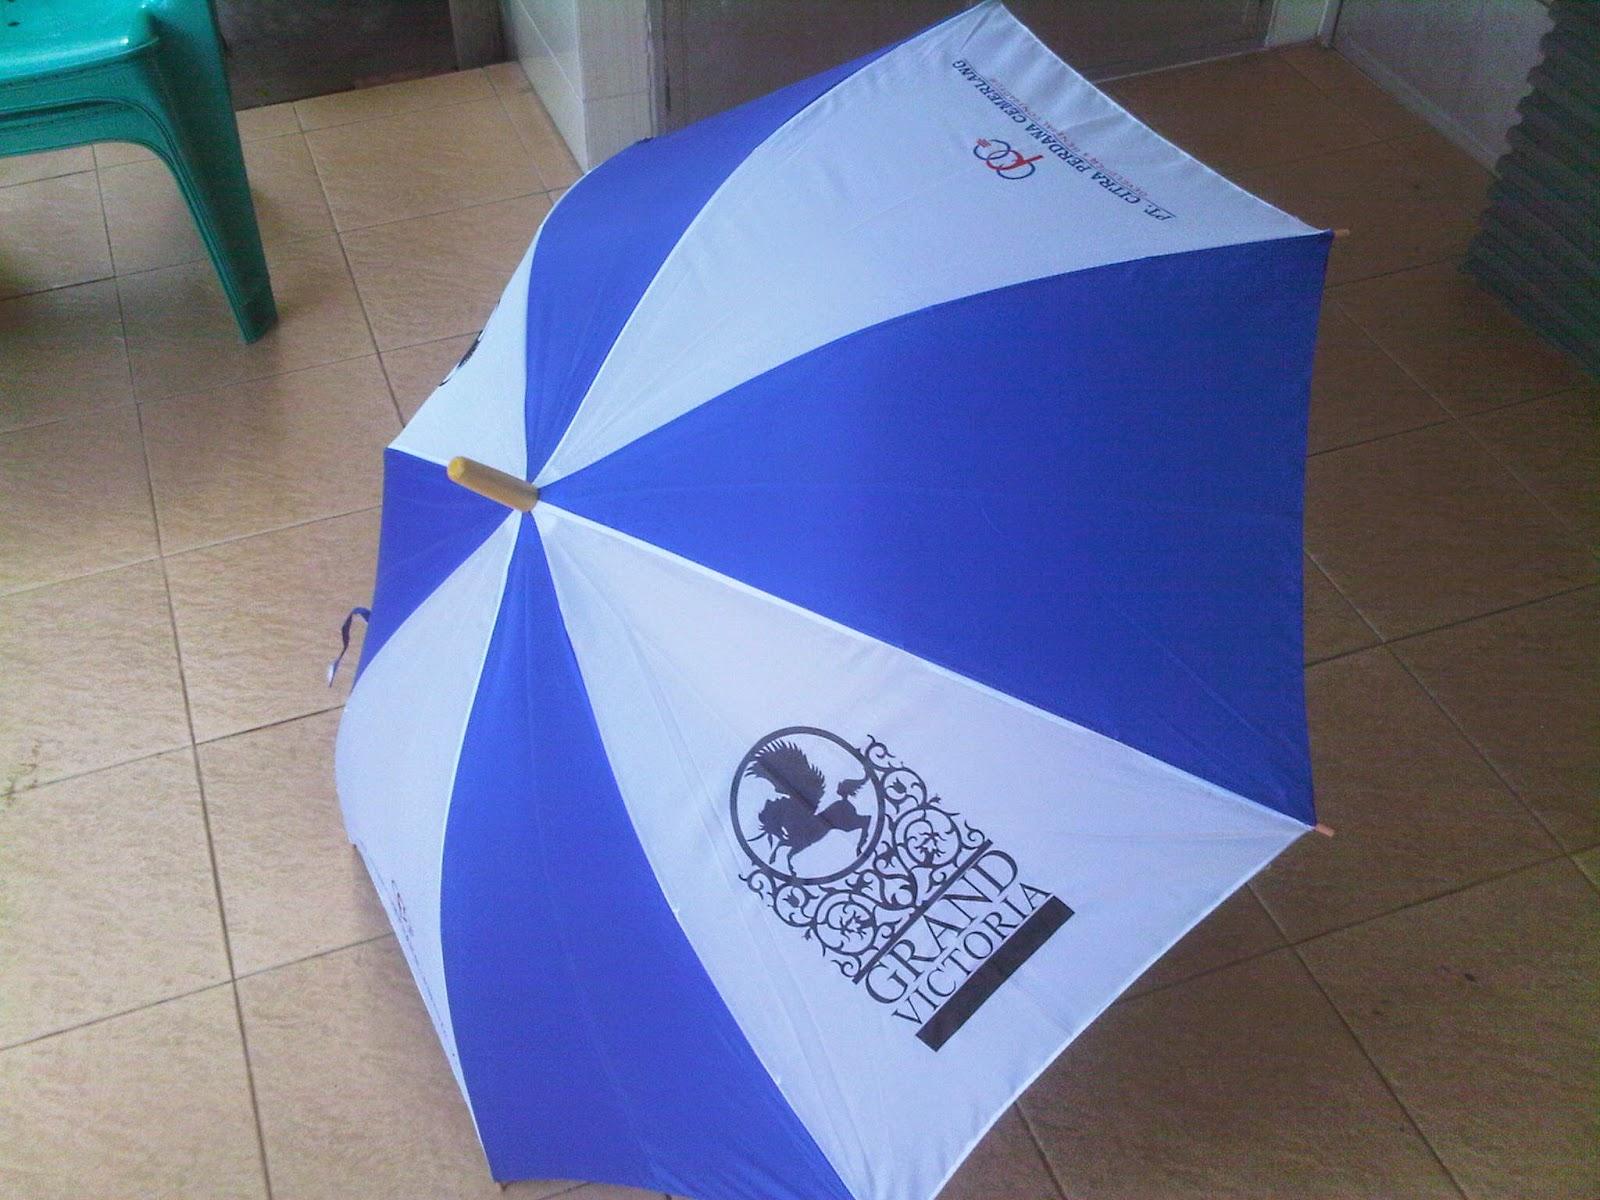 Kami memproduksi payung lipat, payung standar, payung golf buat promosi usaha anda bisa di sablon juga